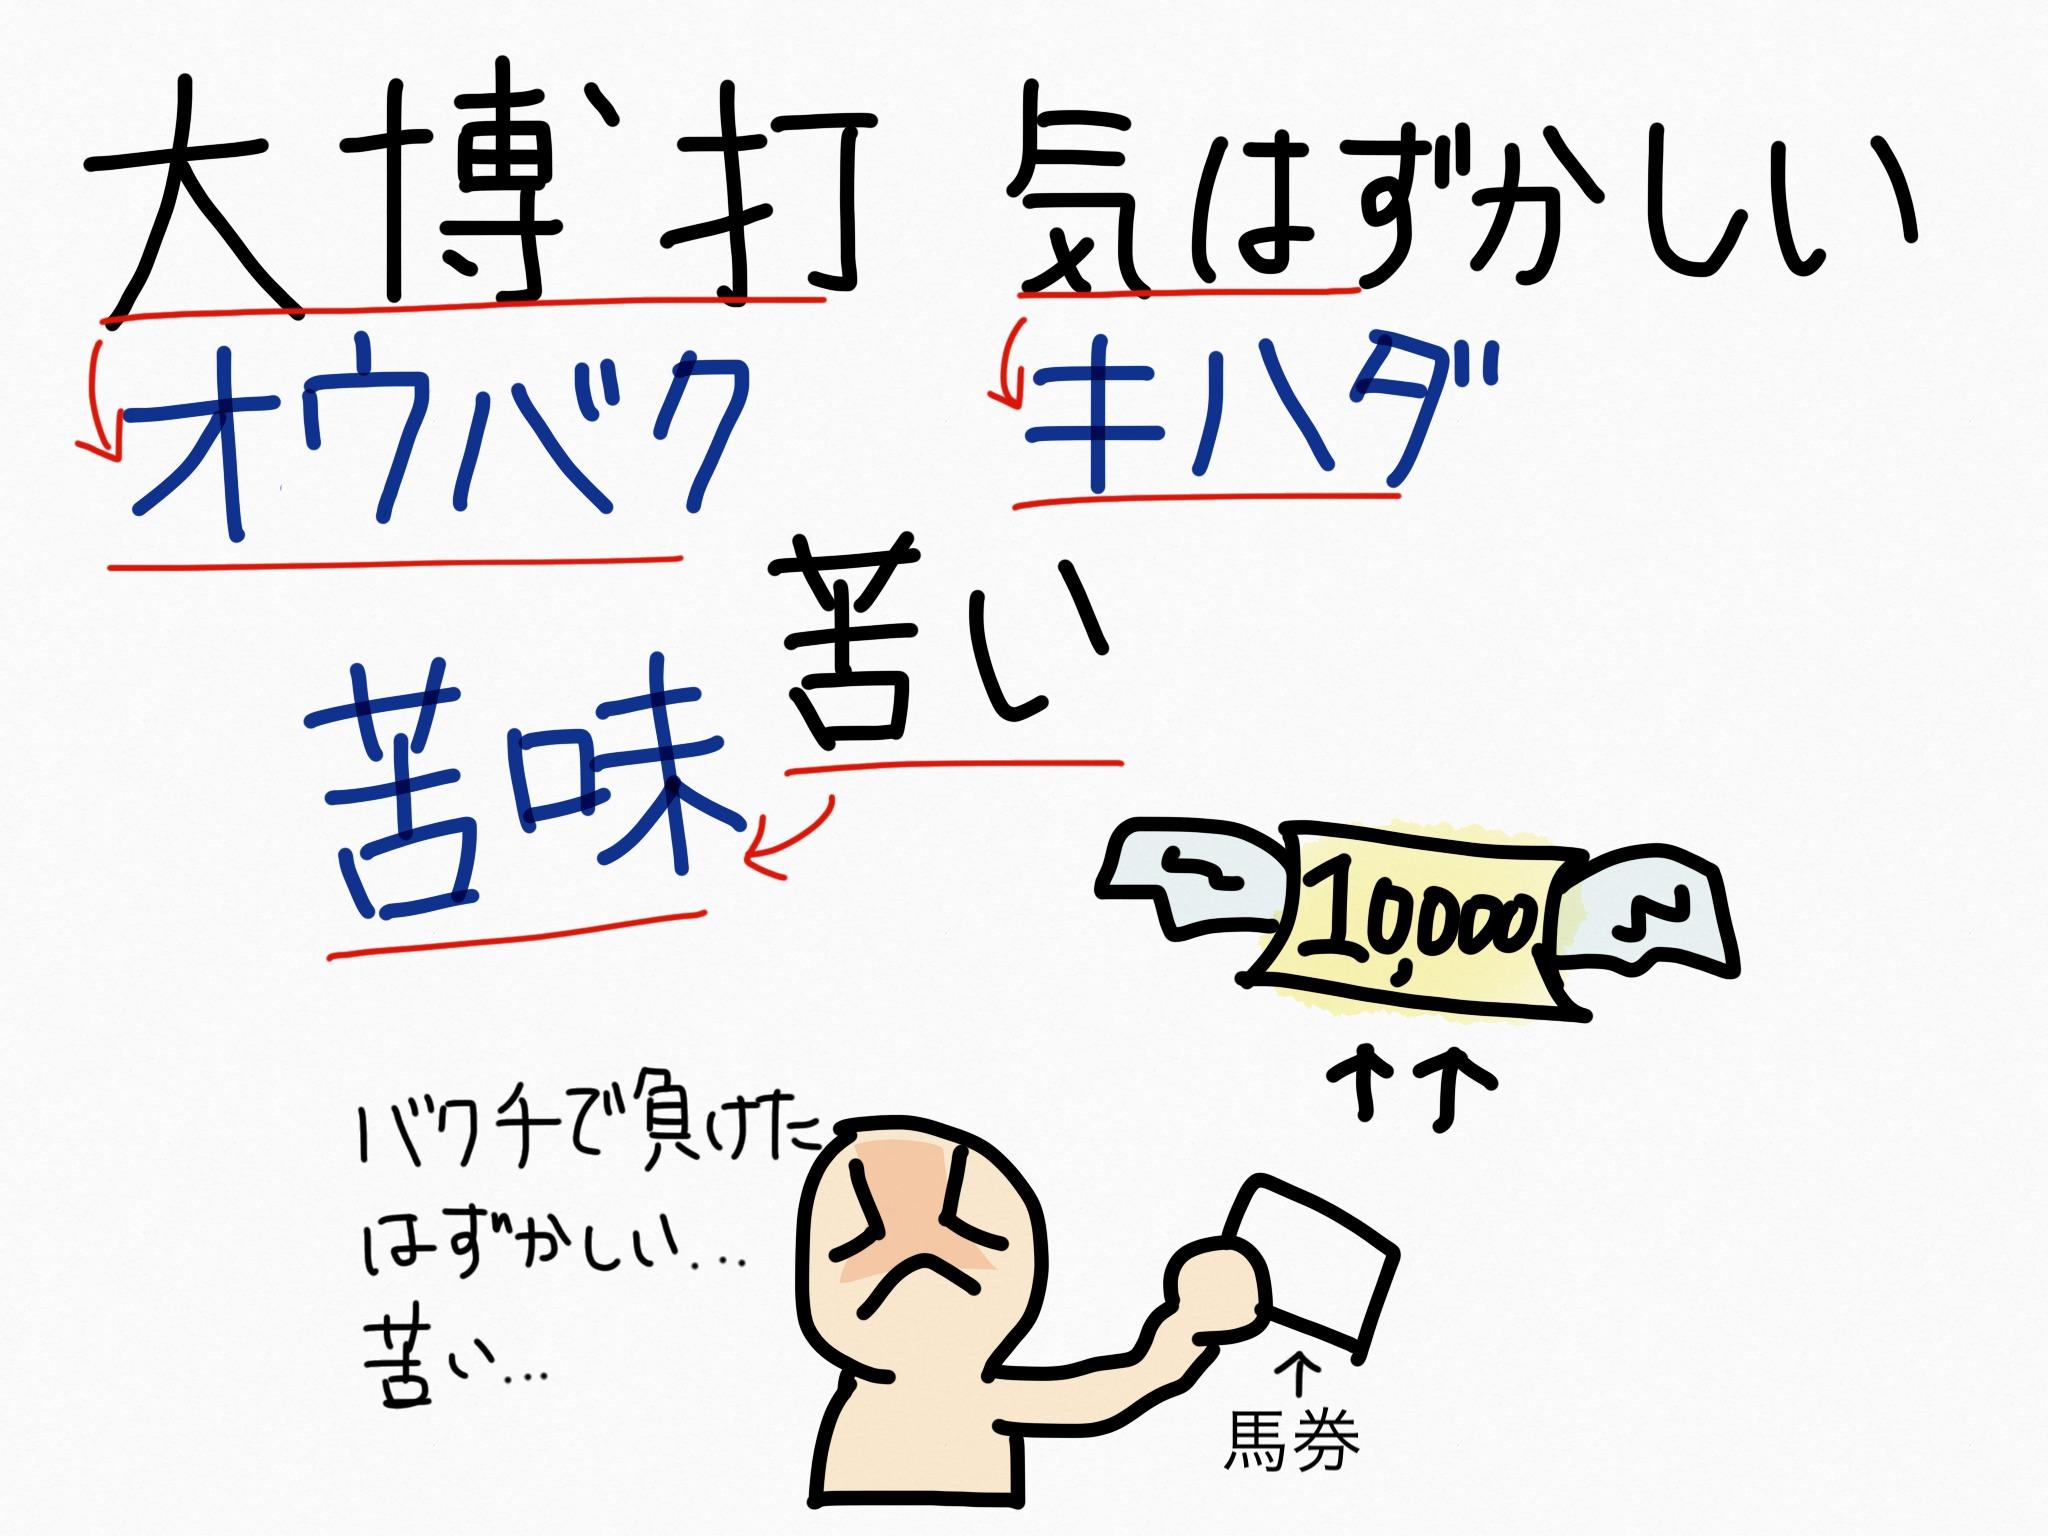 オウバク[胃腸薬他]生薬の覚え方・暗記方法・語呂合わせ